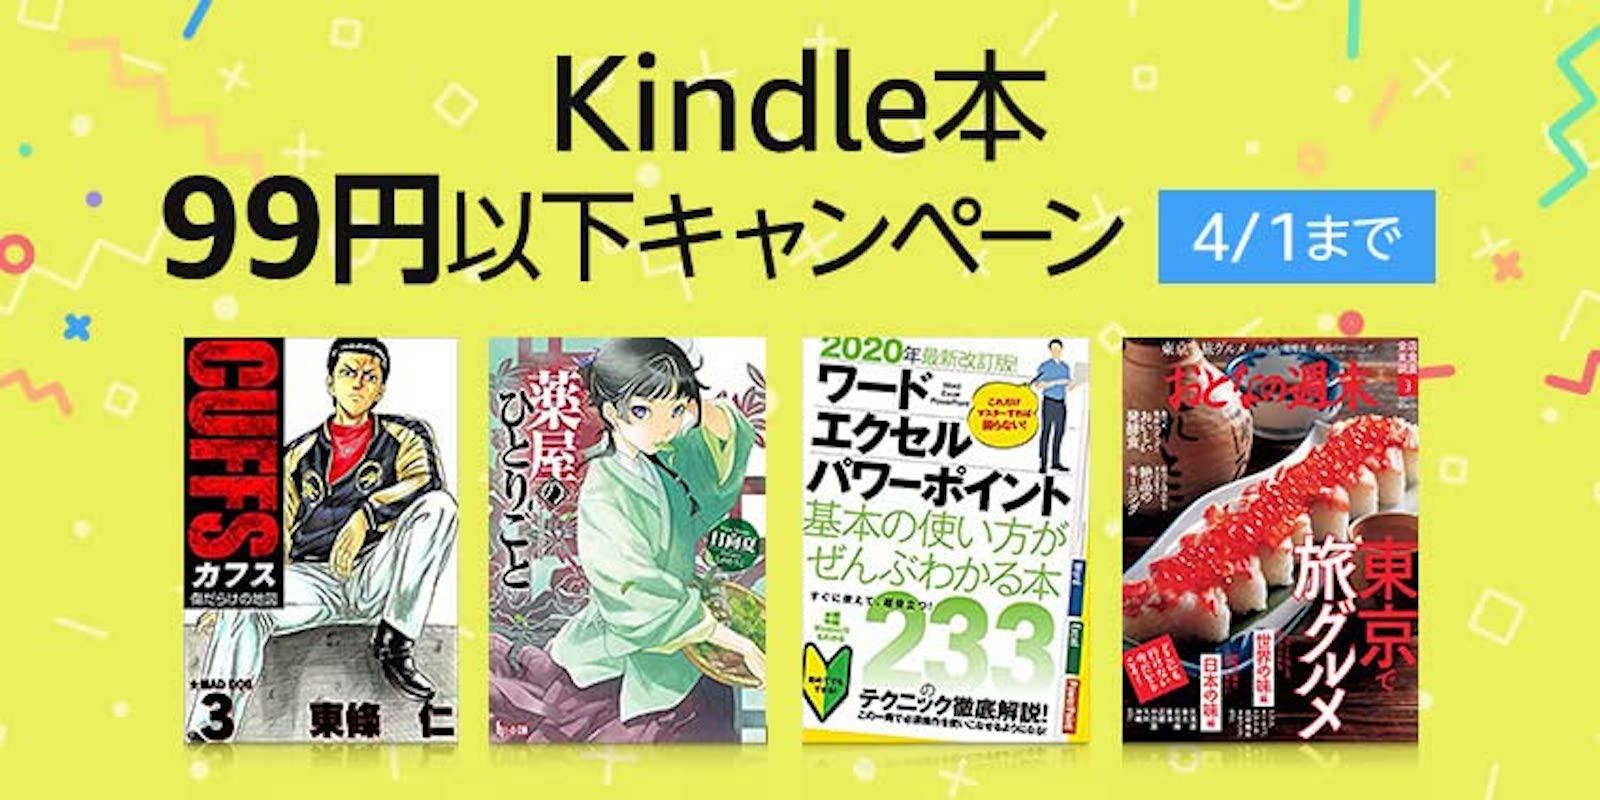 Kindle 99yen campaign